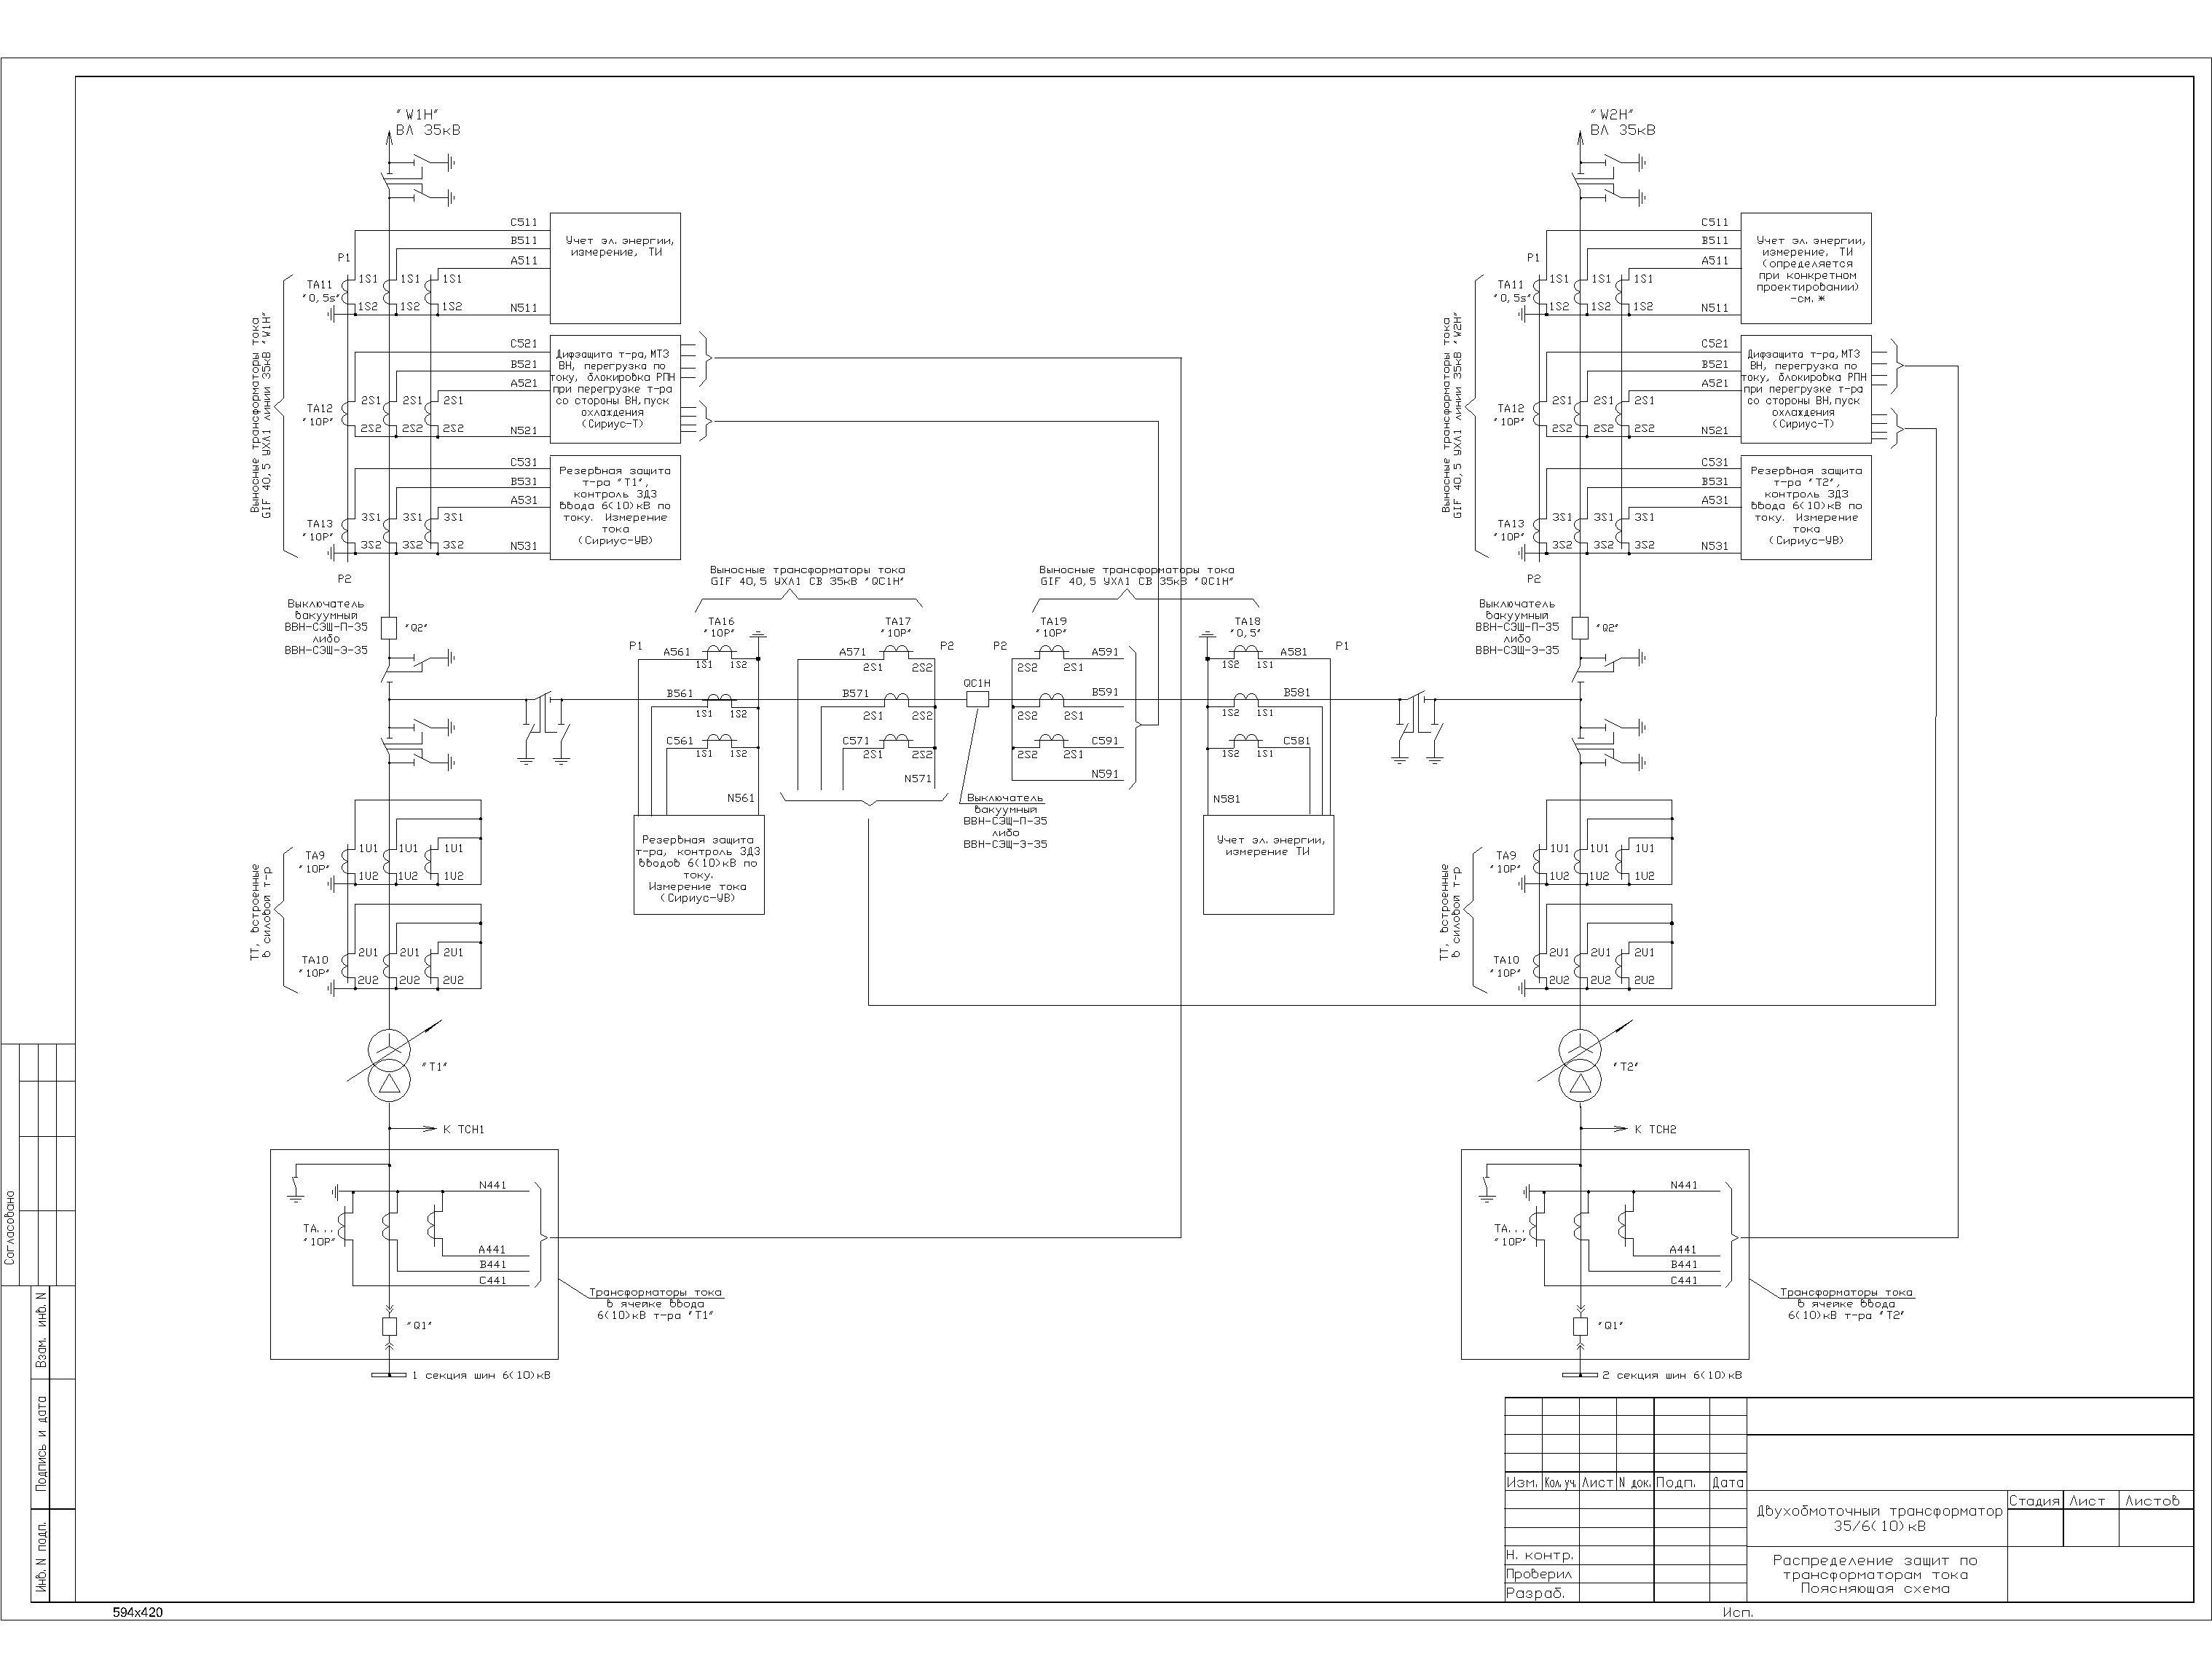 Распределение защит по ТТ для схемы №35-5А в формате dwg